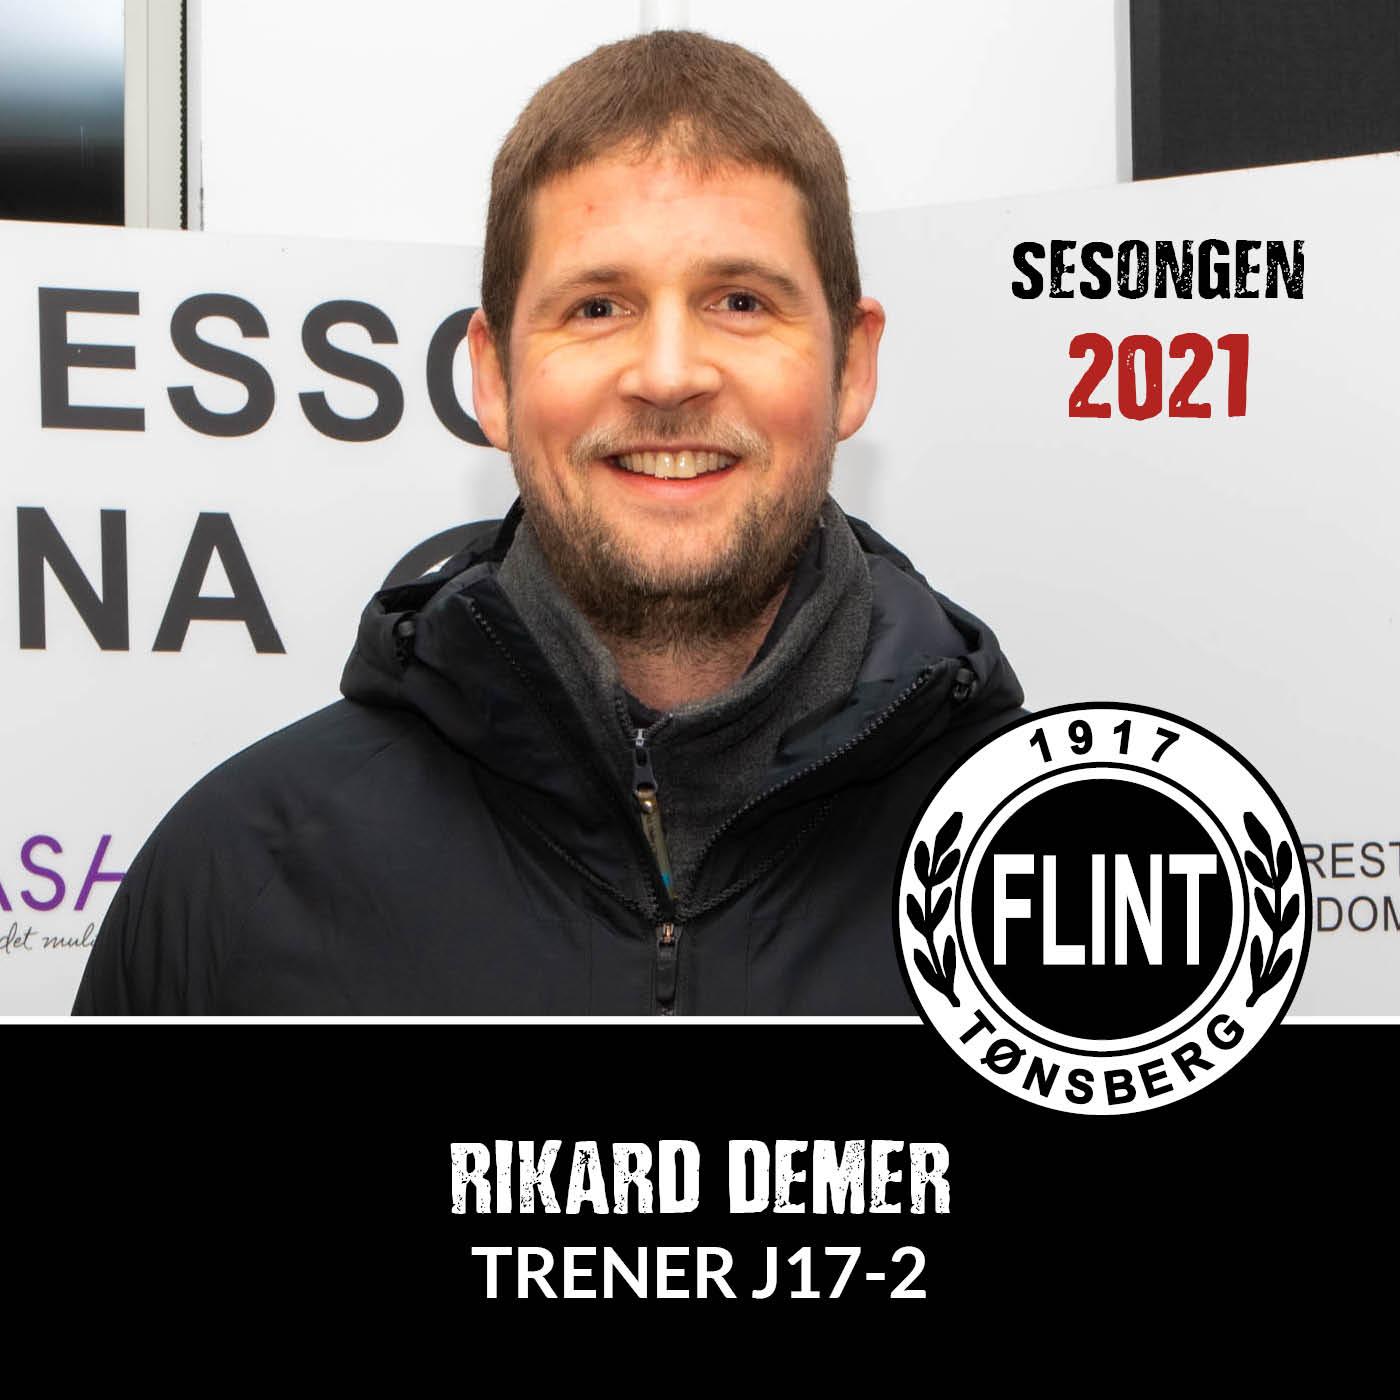 https://www.flintfotball.no/wp-content/uploads/2021/02/Trener-Rikard-Demer.jpg